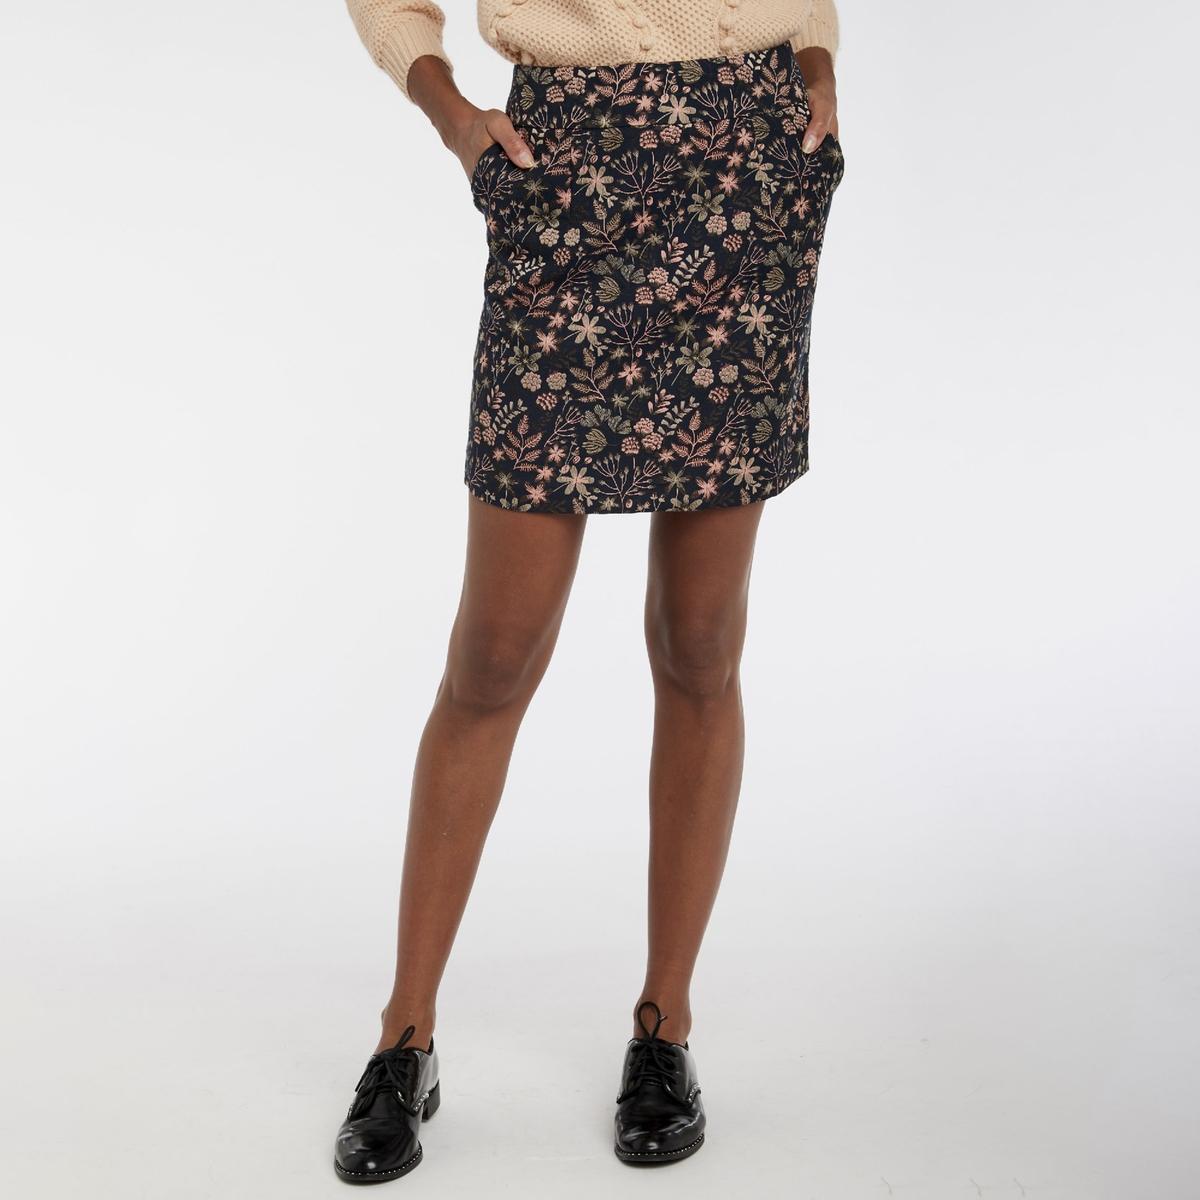 Юбка La Redoute Короткая с цветочным принтом 36 (FR) - 42 (RUS) серый пижама la redoute с принтом короткая 34 36 fr 40 42 rus белый